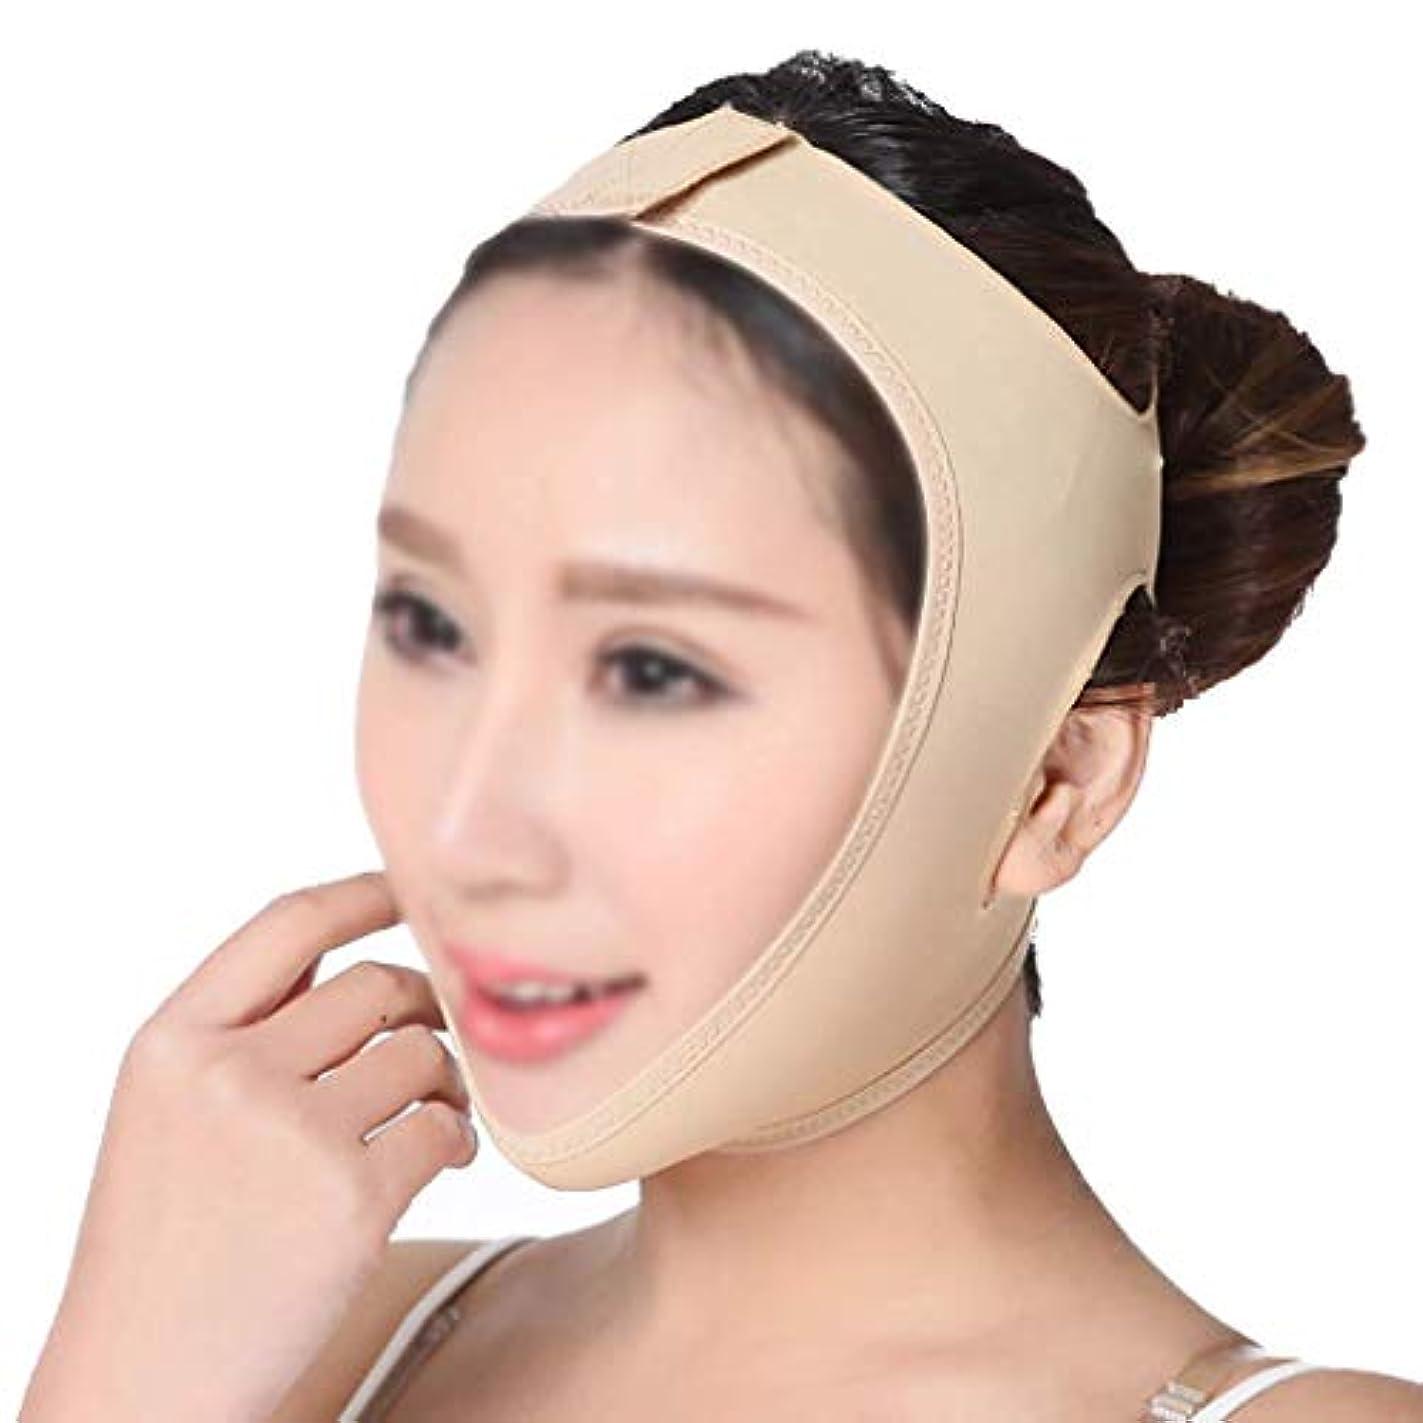 詐欺ペア正確フェイスリフティングマスク、リフティングチン、フェイシャルスキン、頬垂れ防止、快適で 生地、詰まることを拒否、着用が簡単(サイズ:M),ザ?